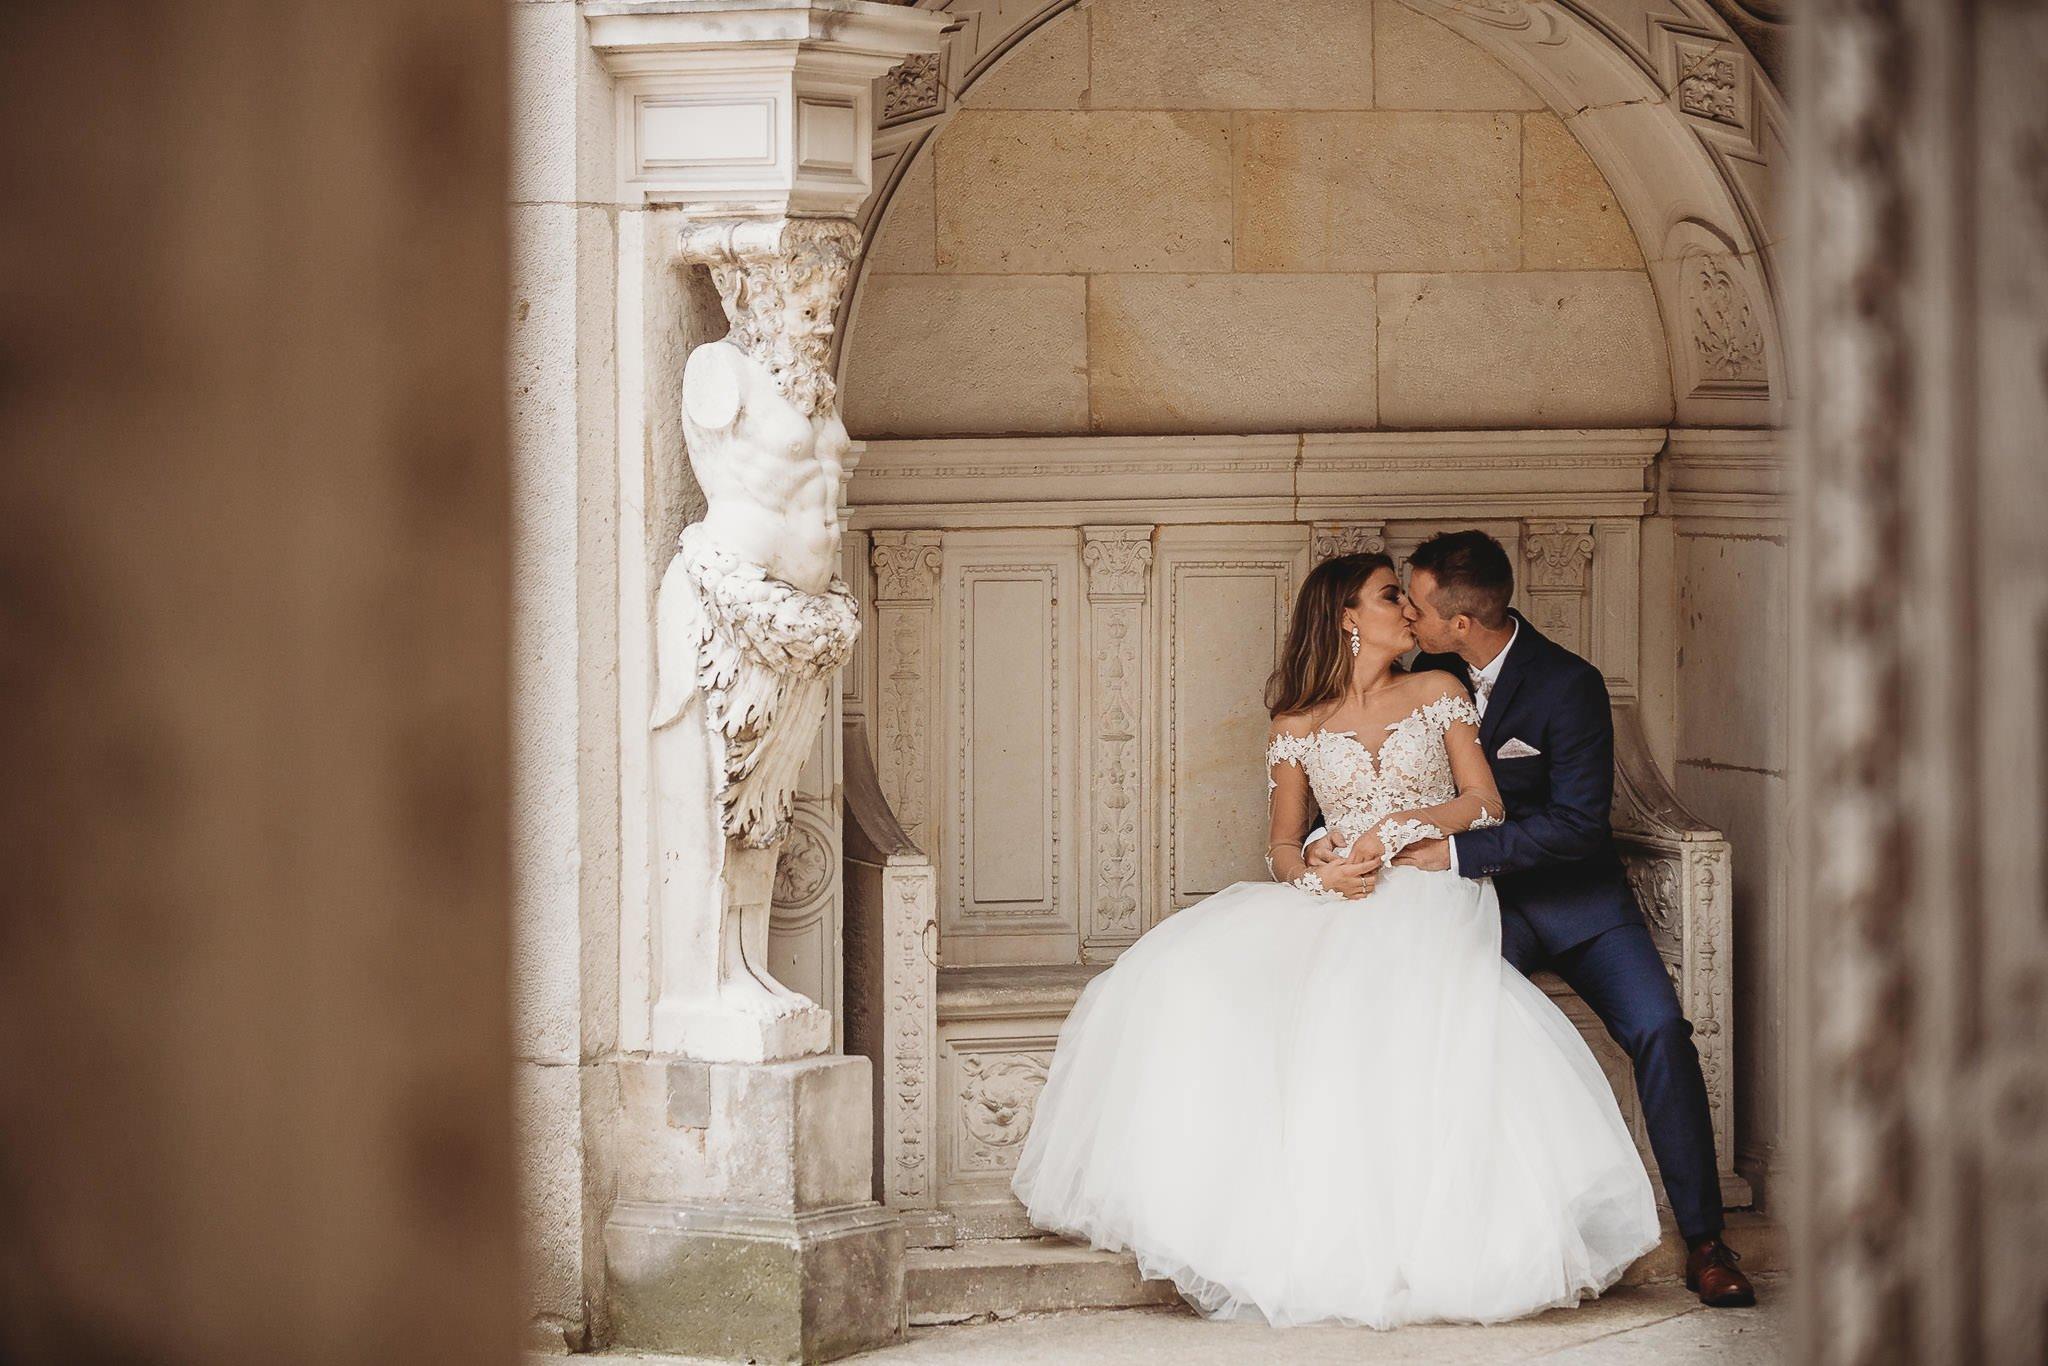 zamek Gołuchów, sesja plenerowa, pałac w Gołuchowie,sesja zamkowa, muzeum w Gołuchowie, zamek Czrtoryskich, romantyczna sesja w zamku, piękne zdjęcia, piękne fotografie, fotografia ślubna koło,